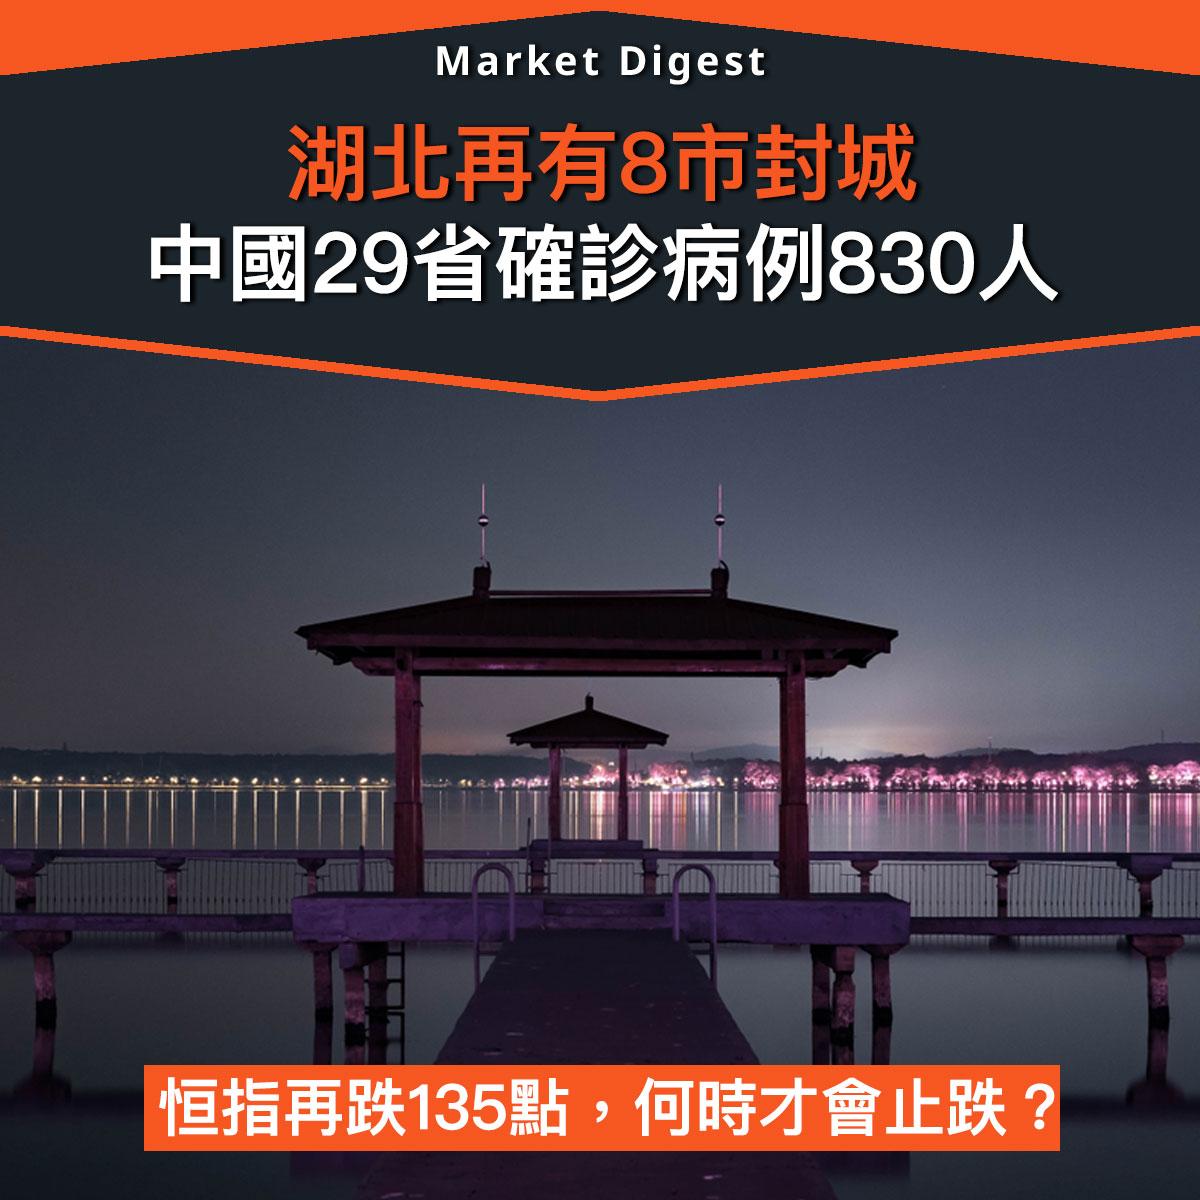 【市場熱話】湖北8市封城,中國29省確診病例830人